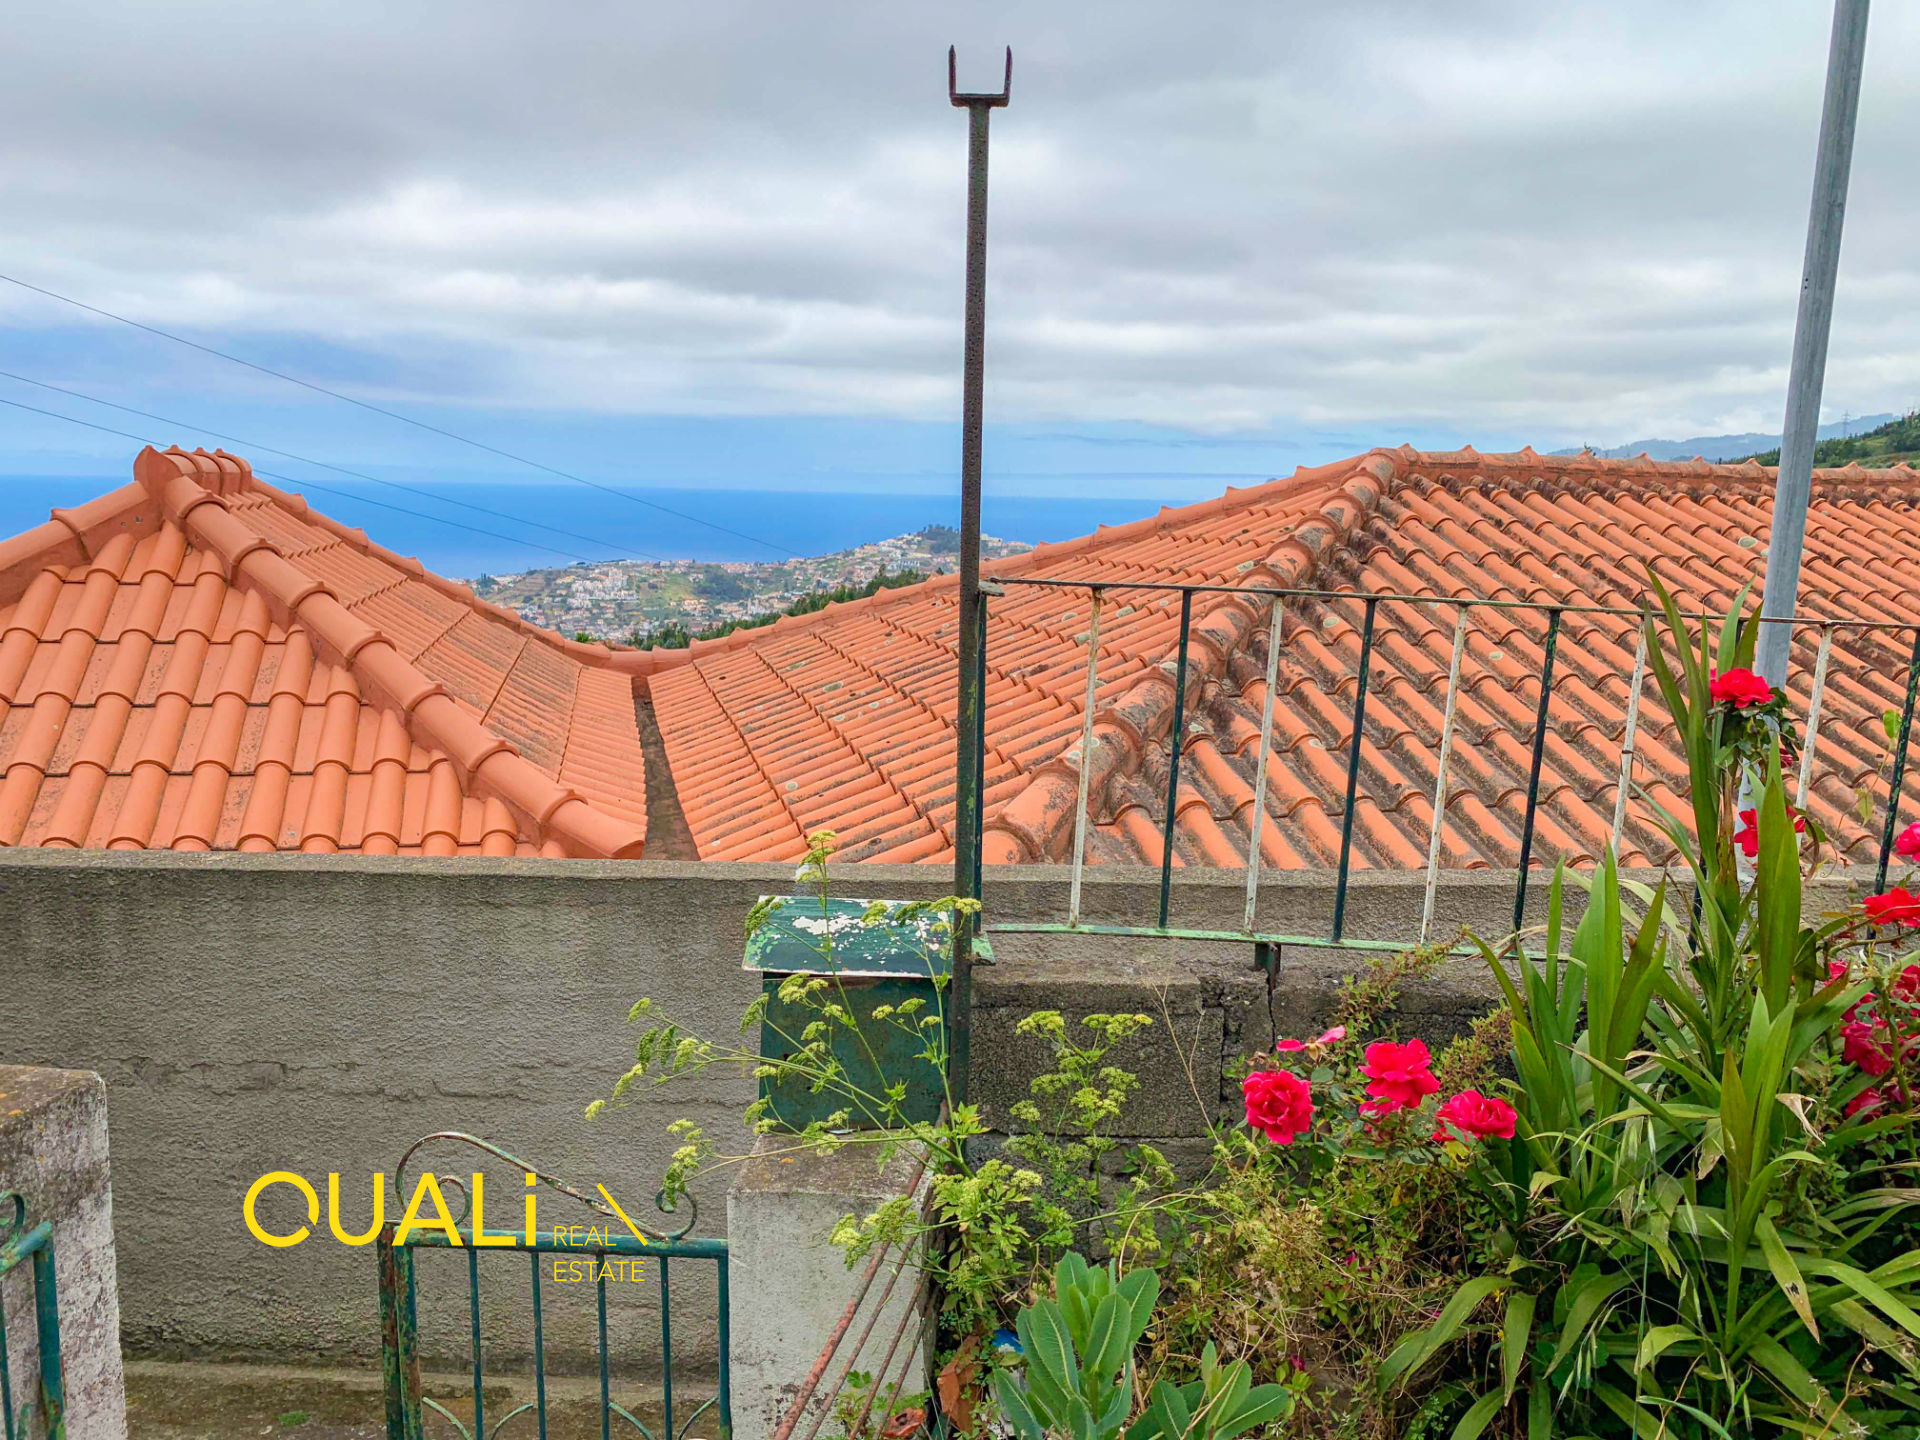 Casa 2 camere da letto da ricostruire in Monte - Isola di Madeira